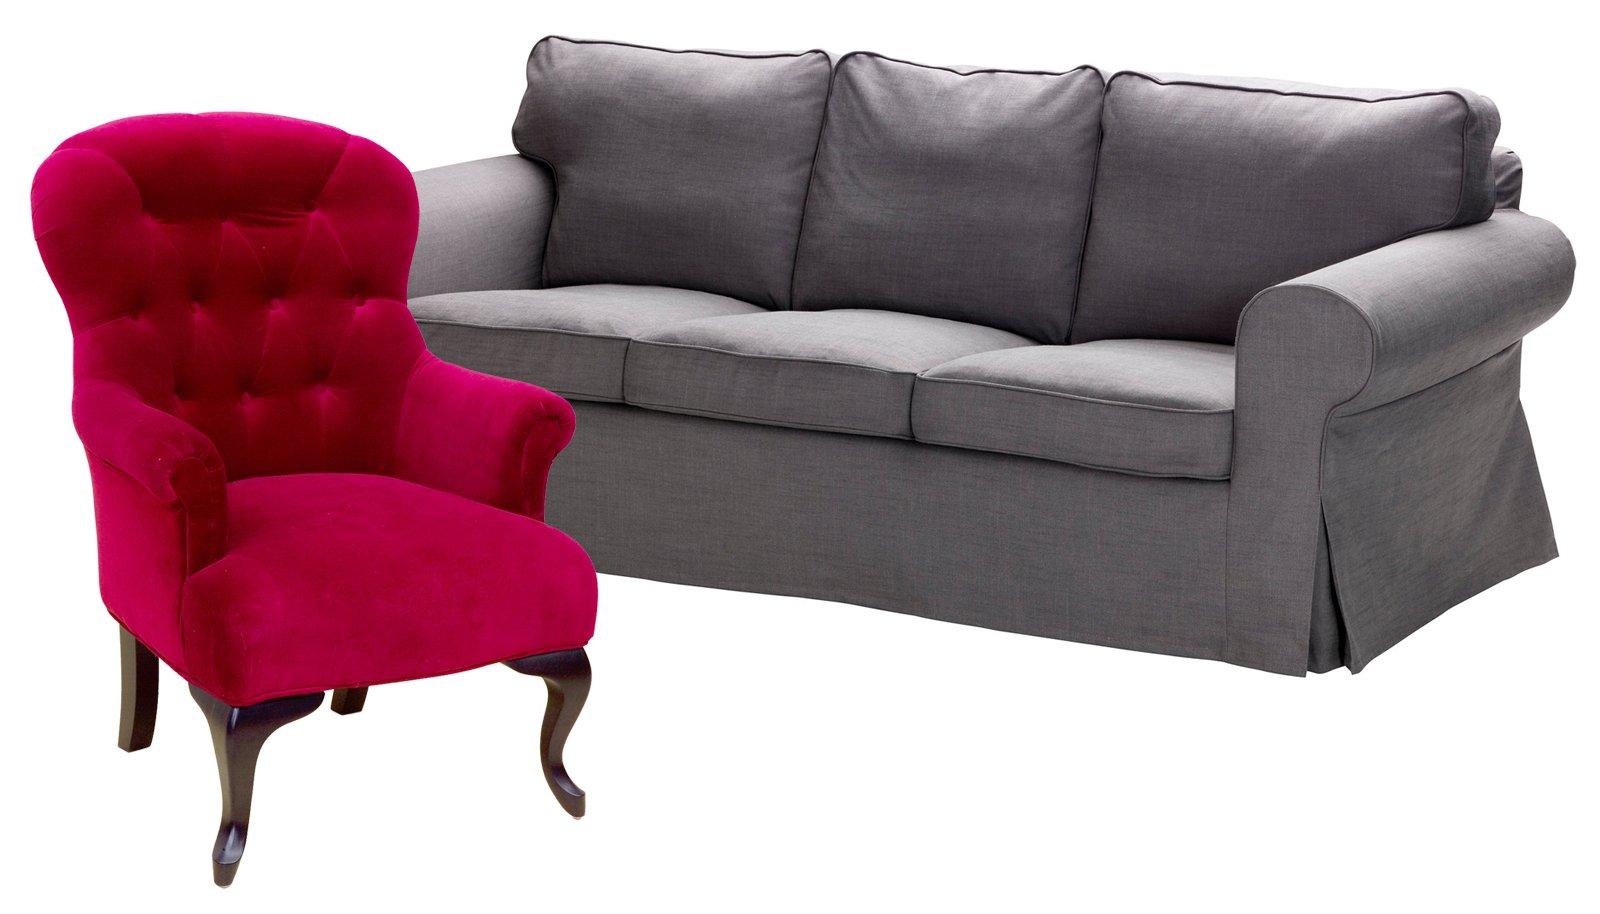 Poltrona e divano idee per abbinarli cose di casa - Poltrona pelle ikea ...